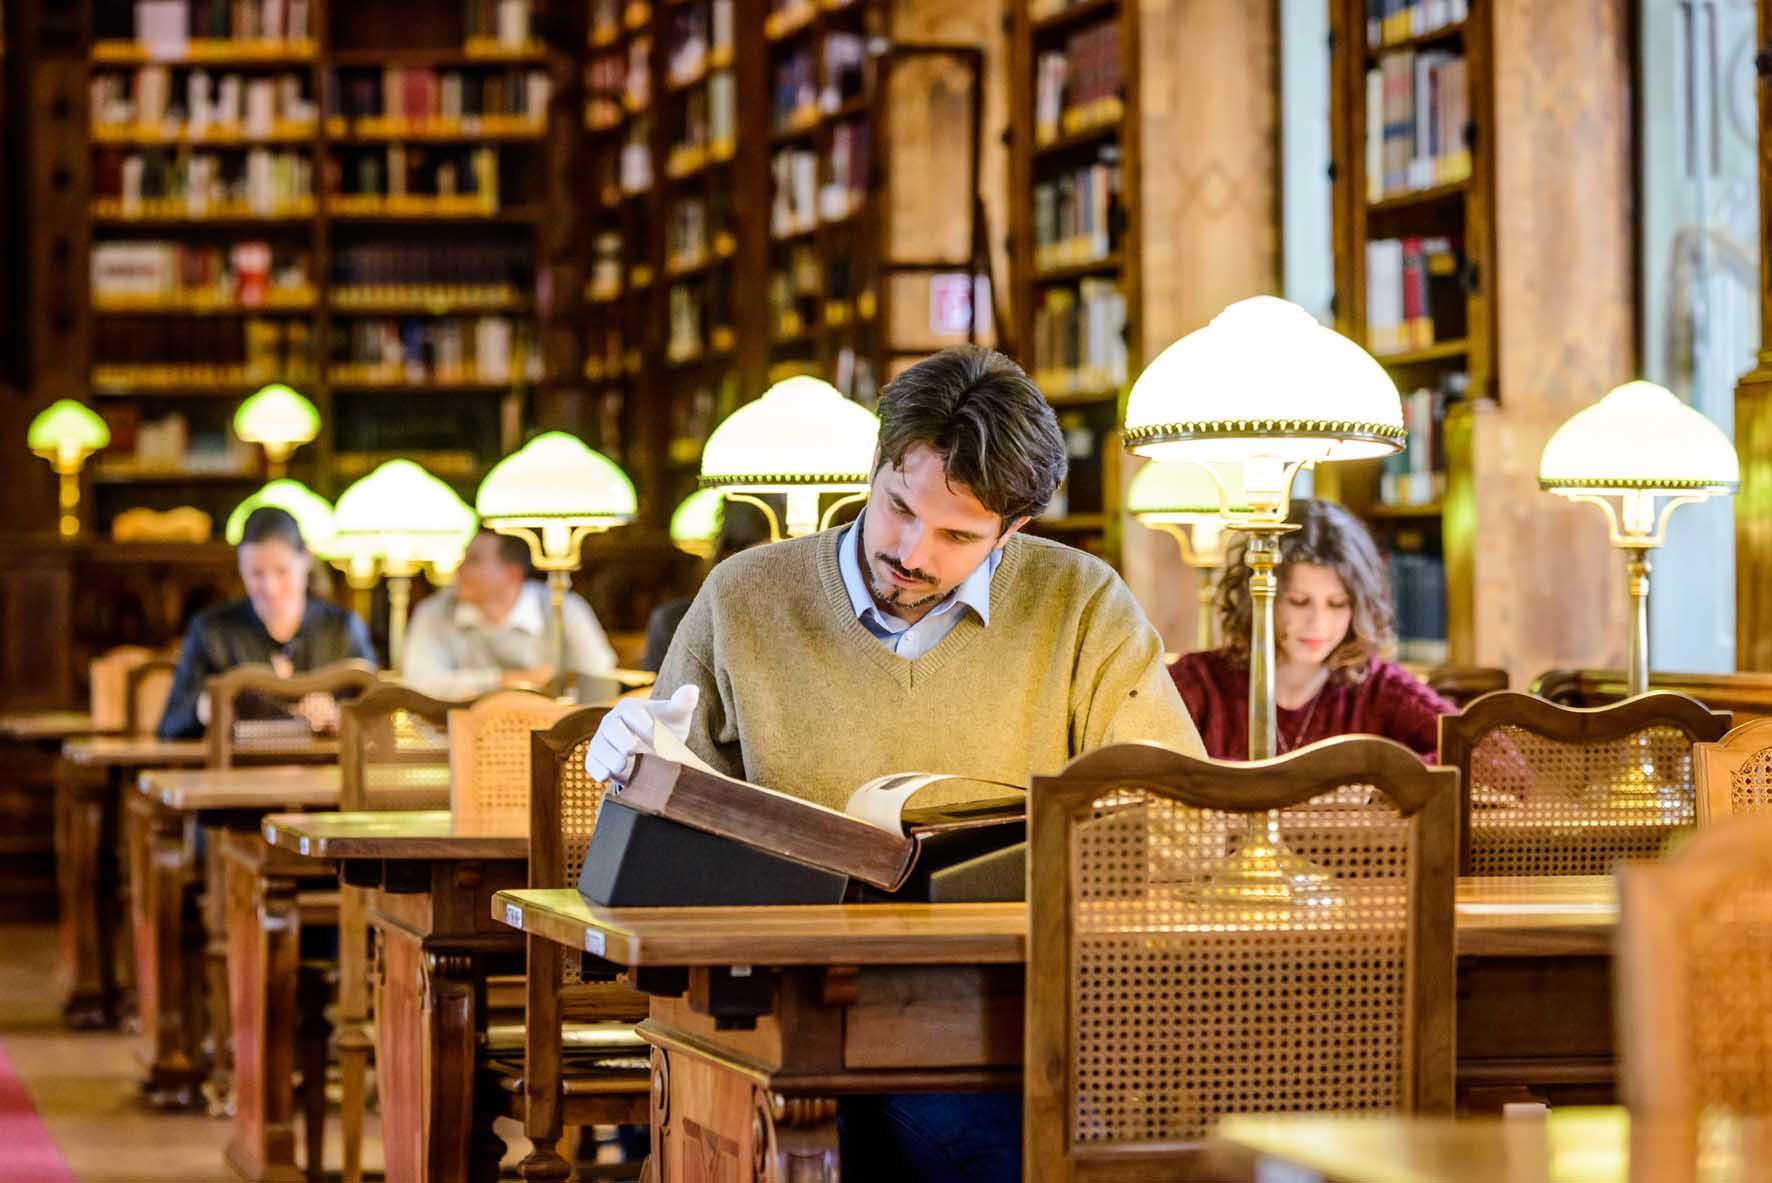 Austrijanci aktivno promoviraju vrijednost čitanja